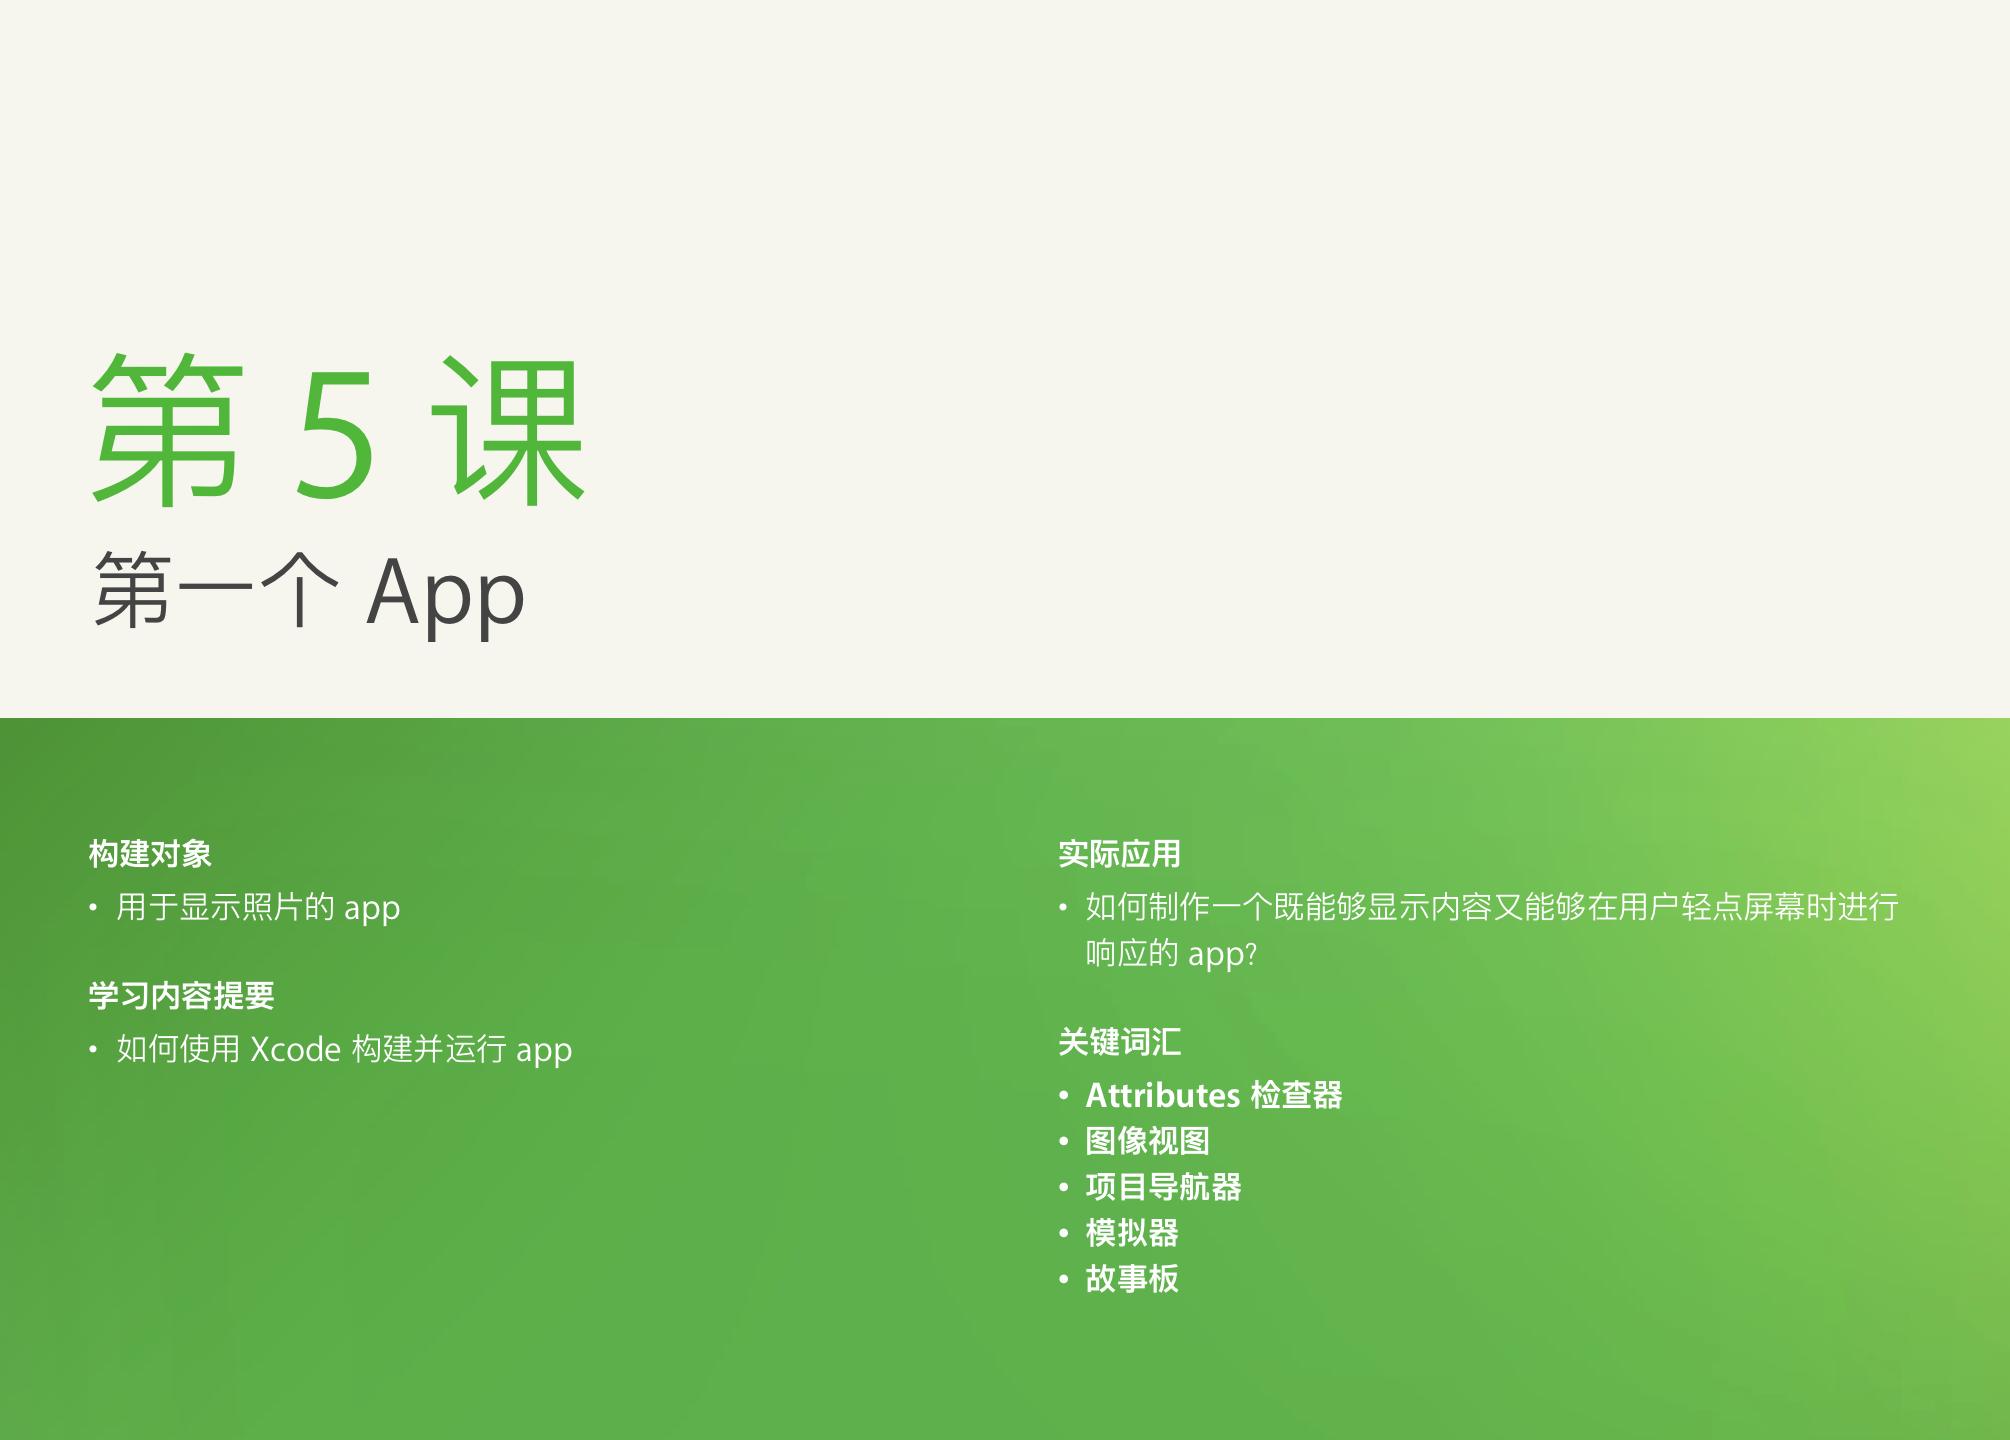 使用 Swift 开发 App 入门课程